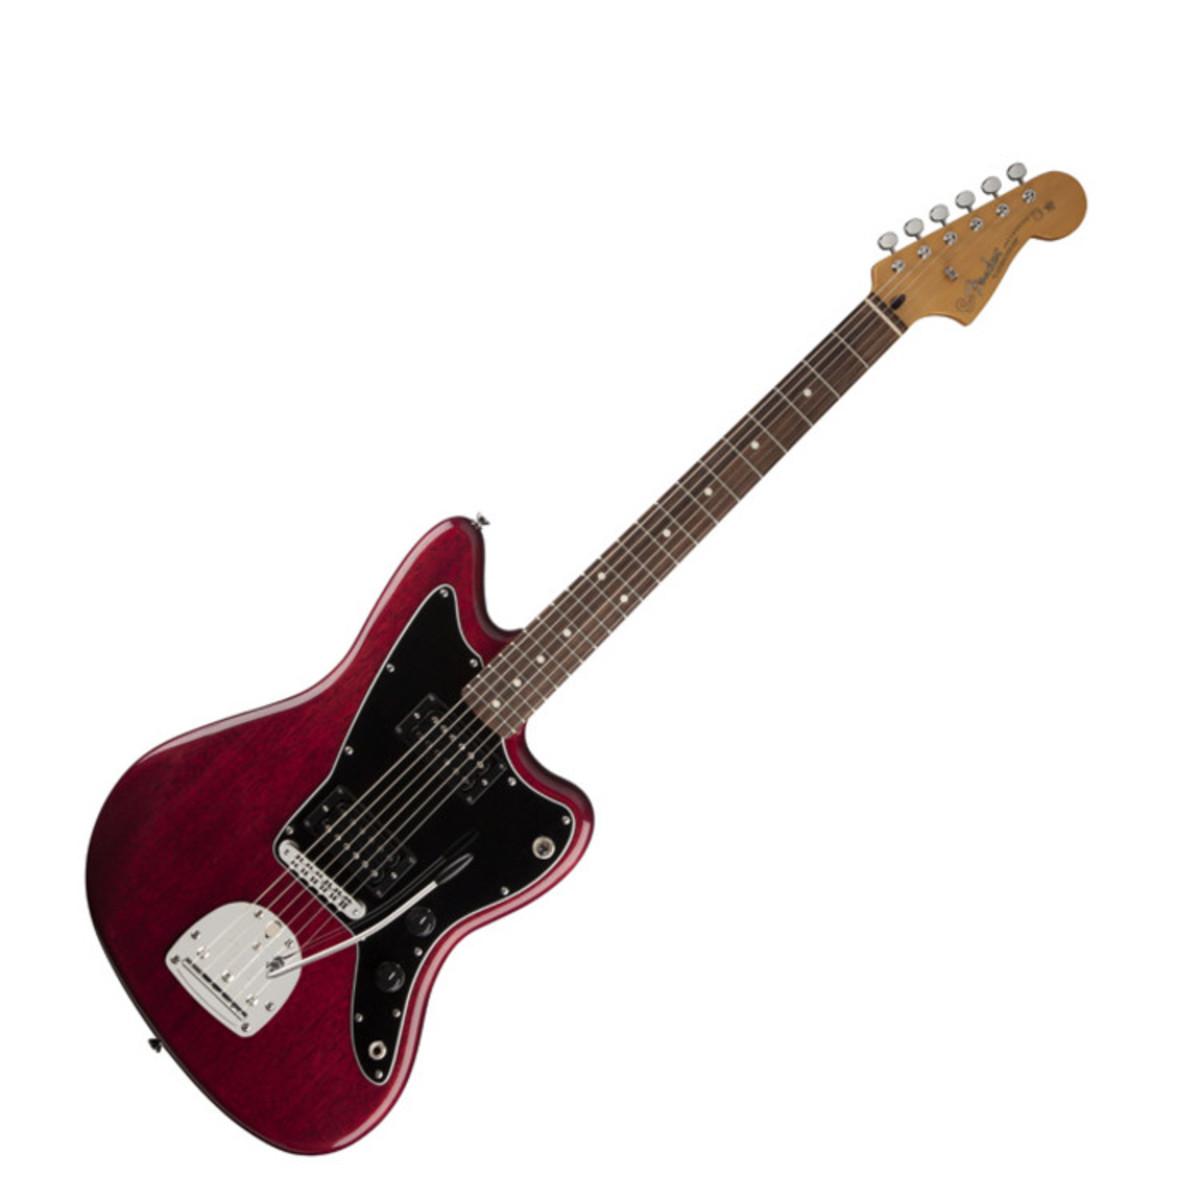 fender modern player jazzmaster hh guitar crimson red transparent at. Black Bedroom Furniture Sets. Home Design Ideas